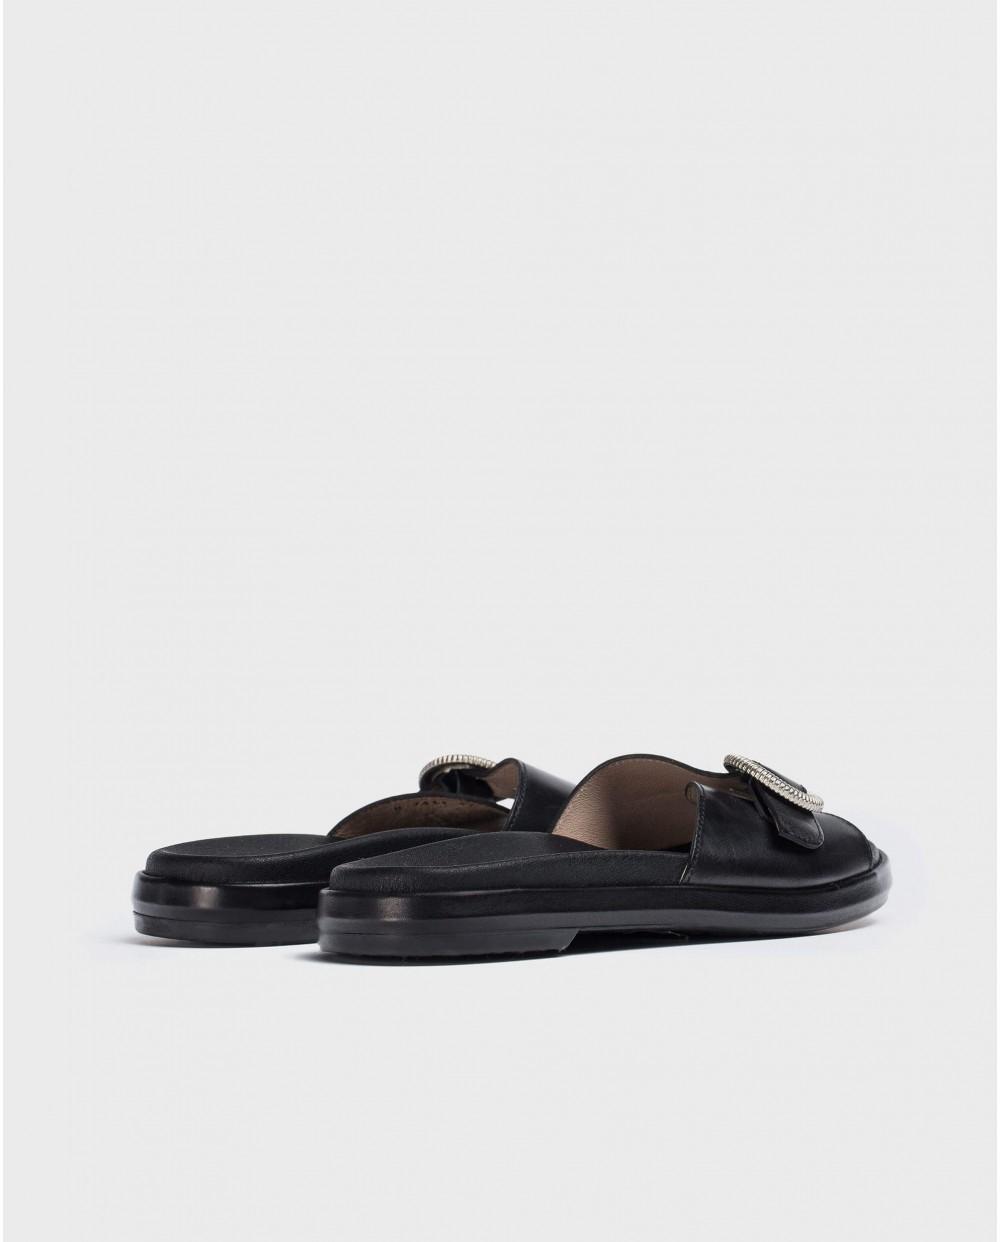 Wonders-Flat Shoes-BIO buckle sandal